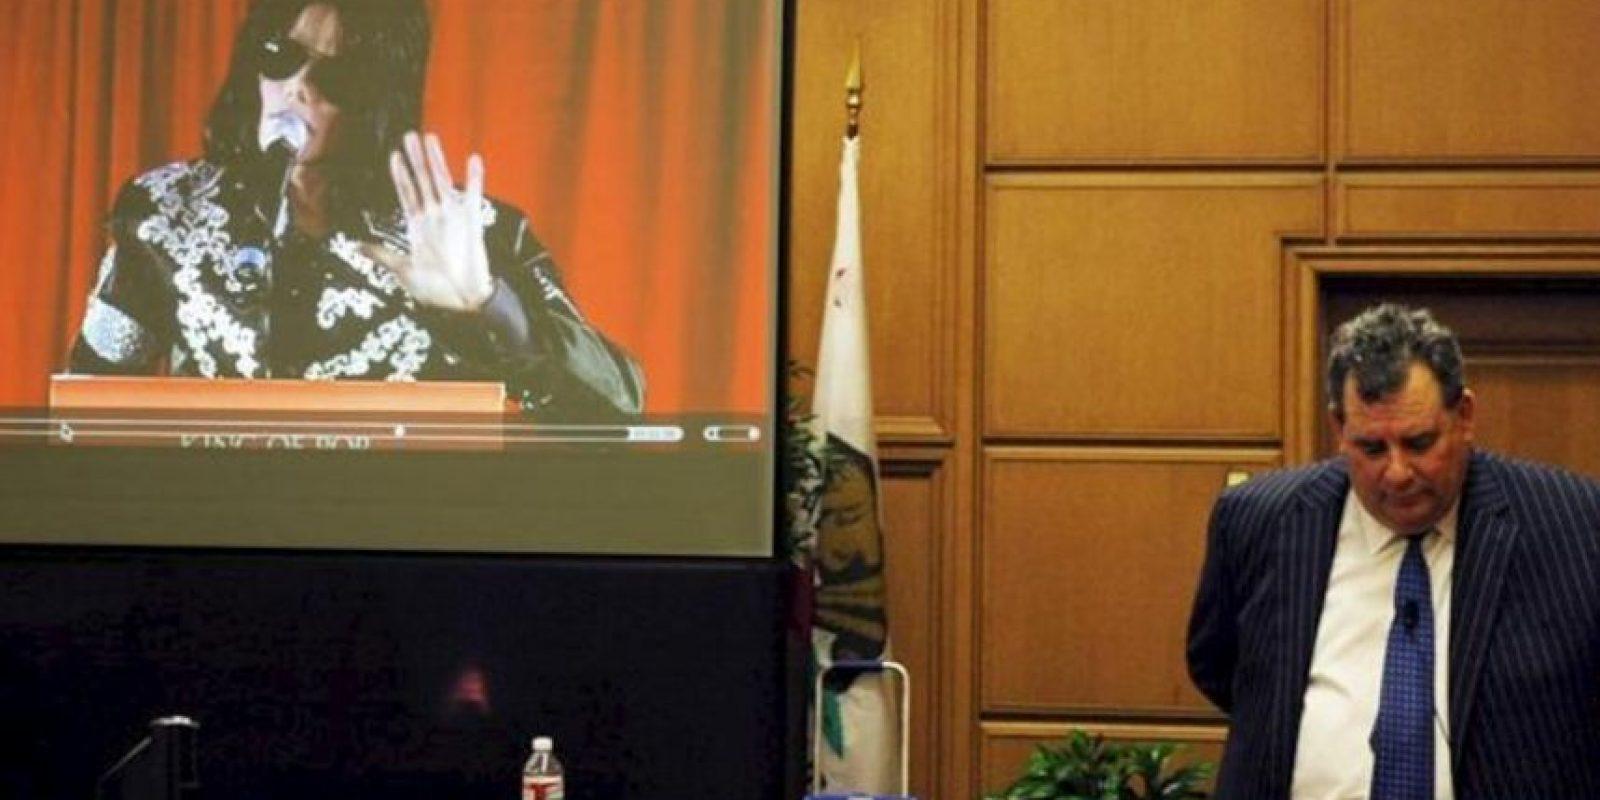 El abogado de la familia de Michael Jackson, Brian Panish, durante el argumento de refutación en el caso de la familia Jackson contra la promotora de conciertos AEG en Los Ángeles, California (EE.UU.) el 26 de septiembre de 2013. EFE